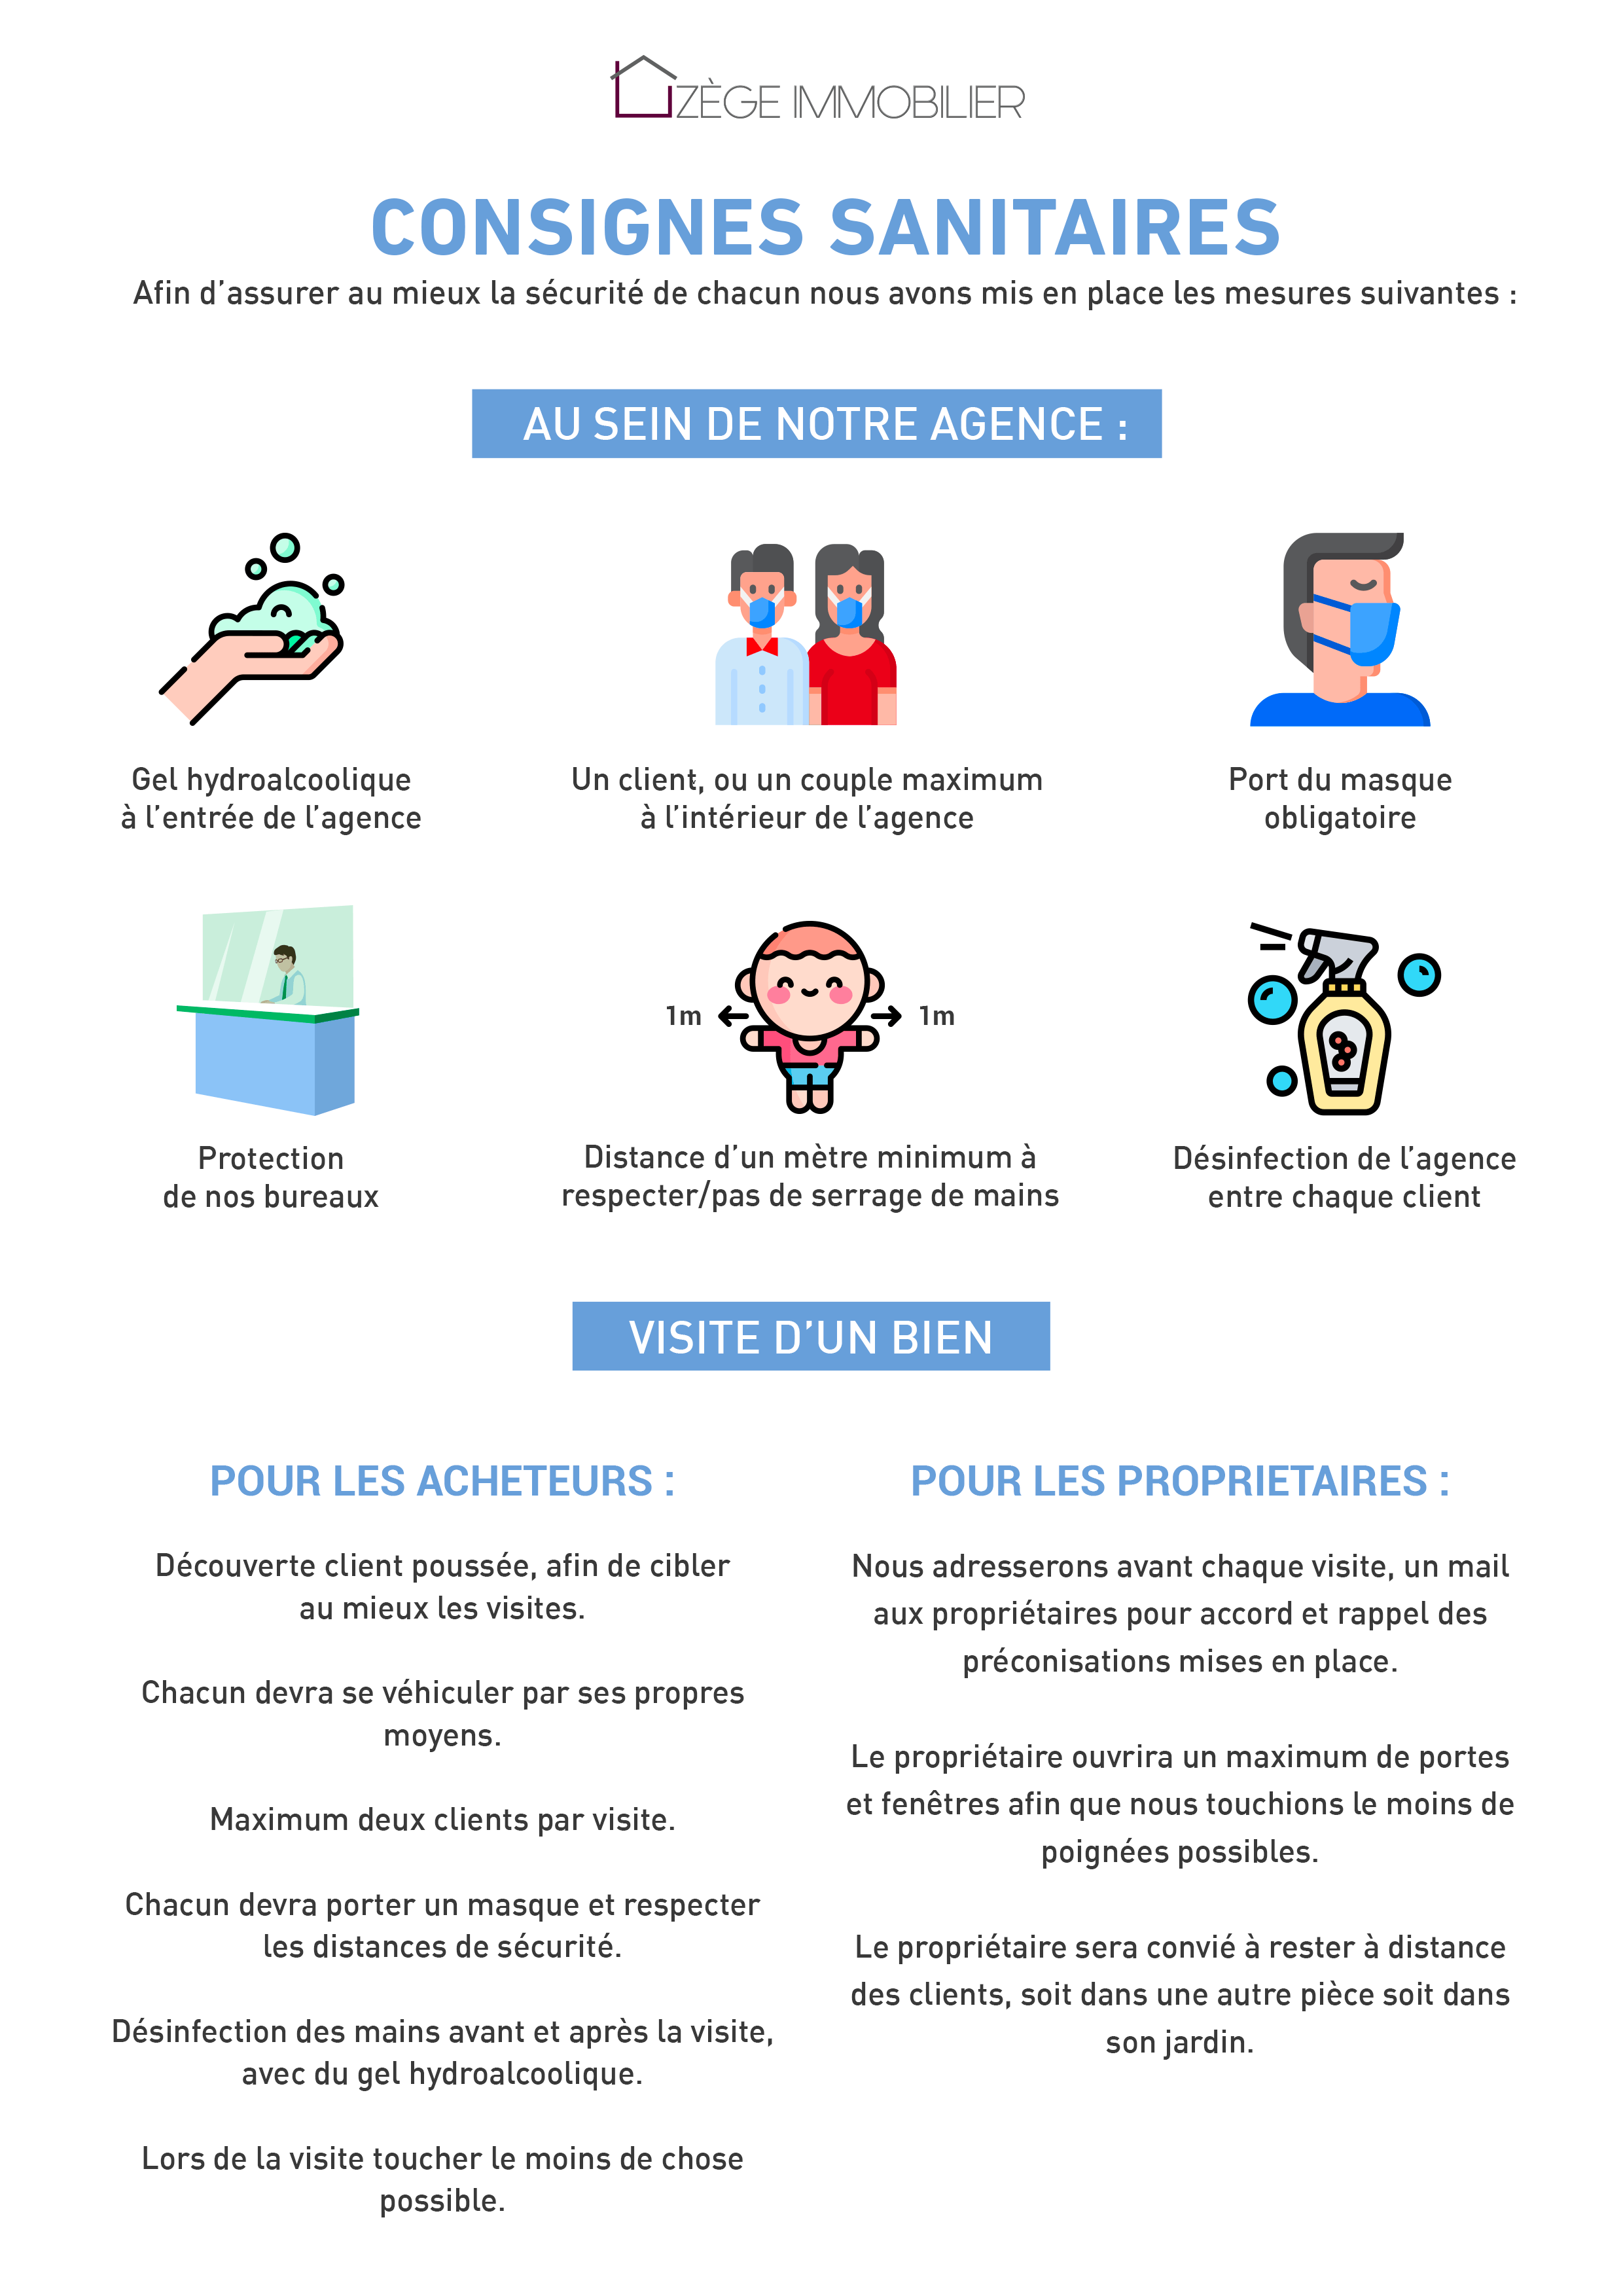 consignes-sanitaires